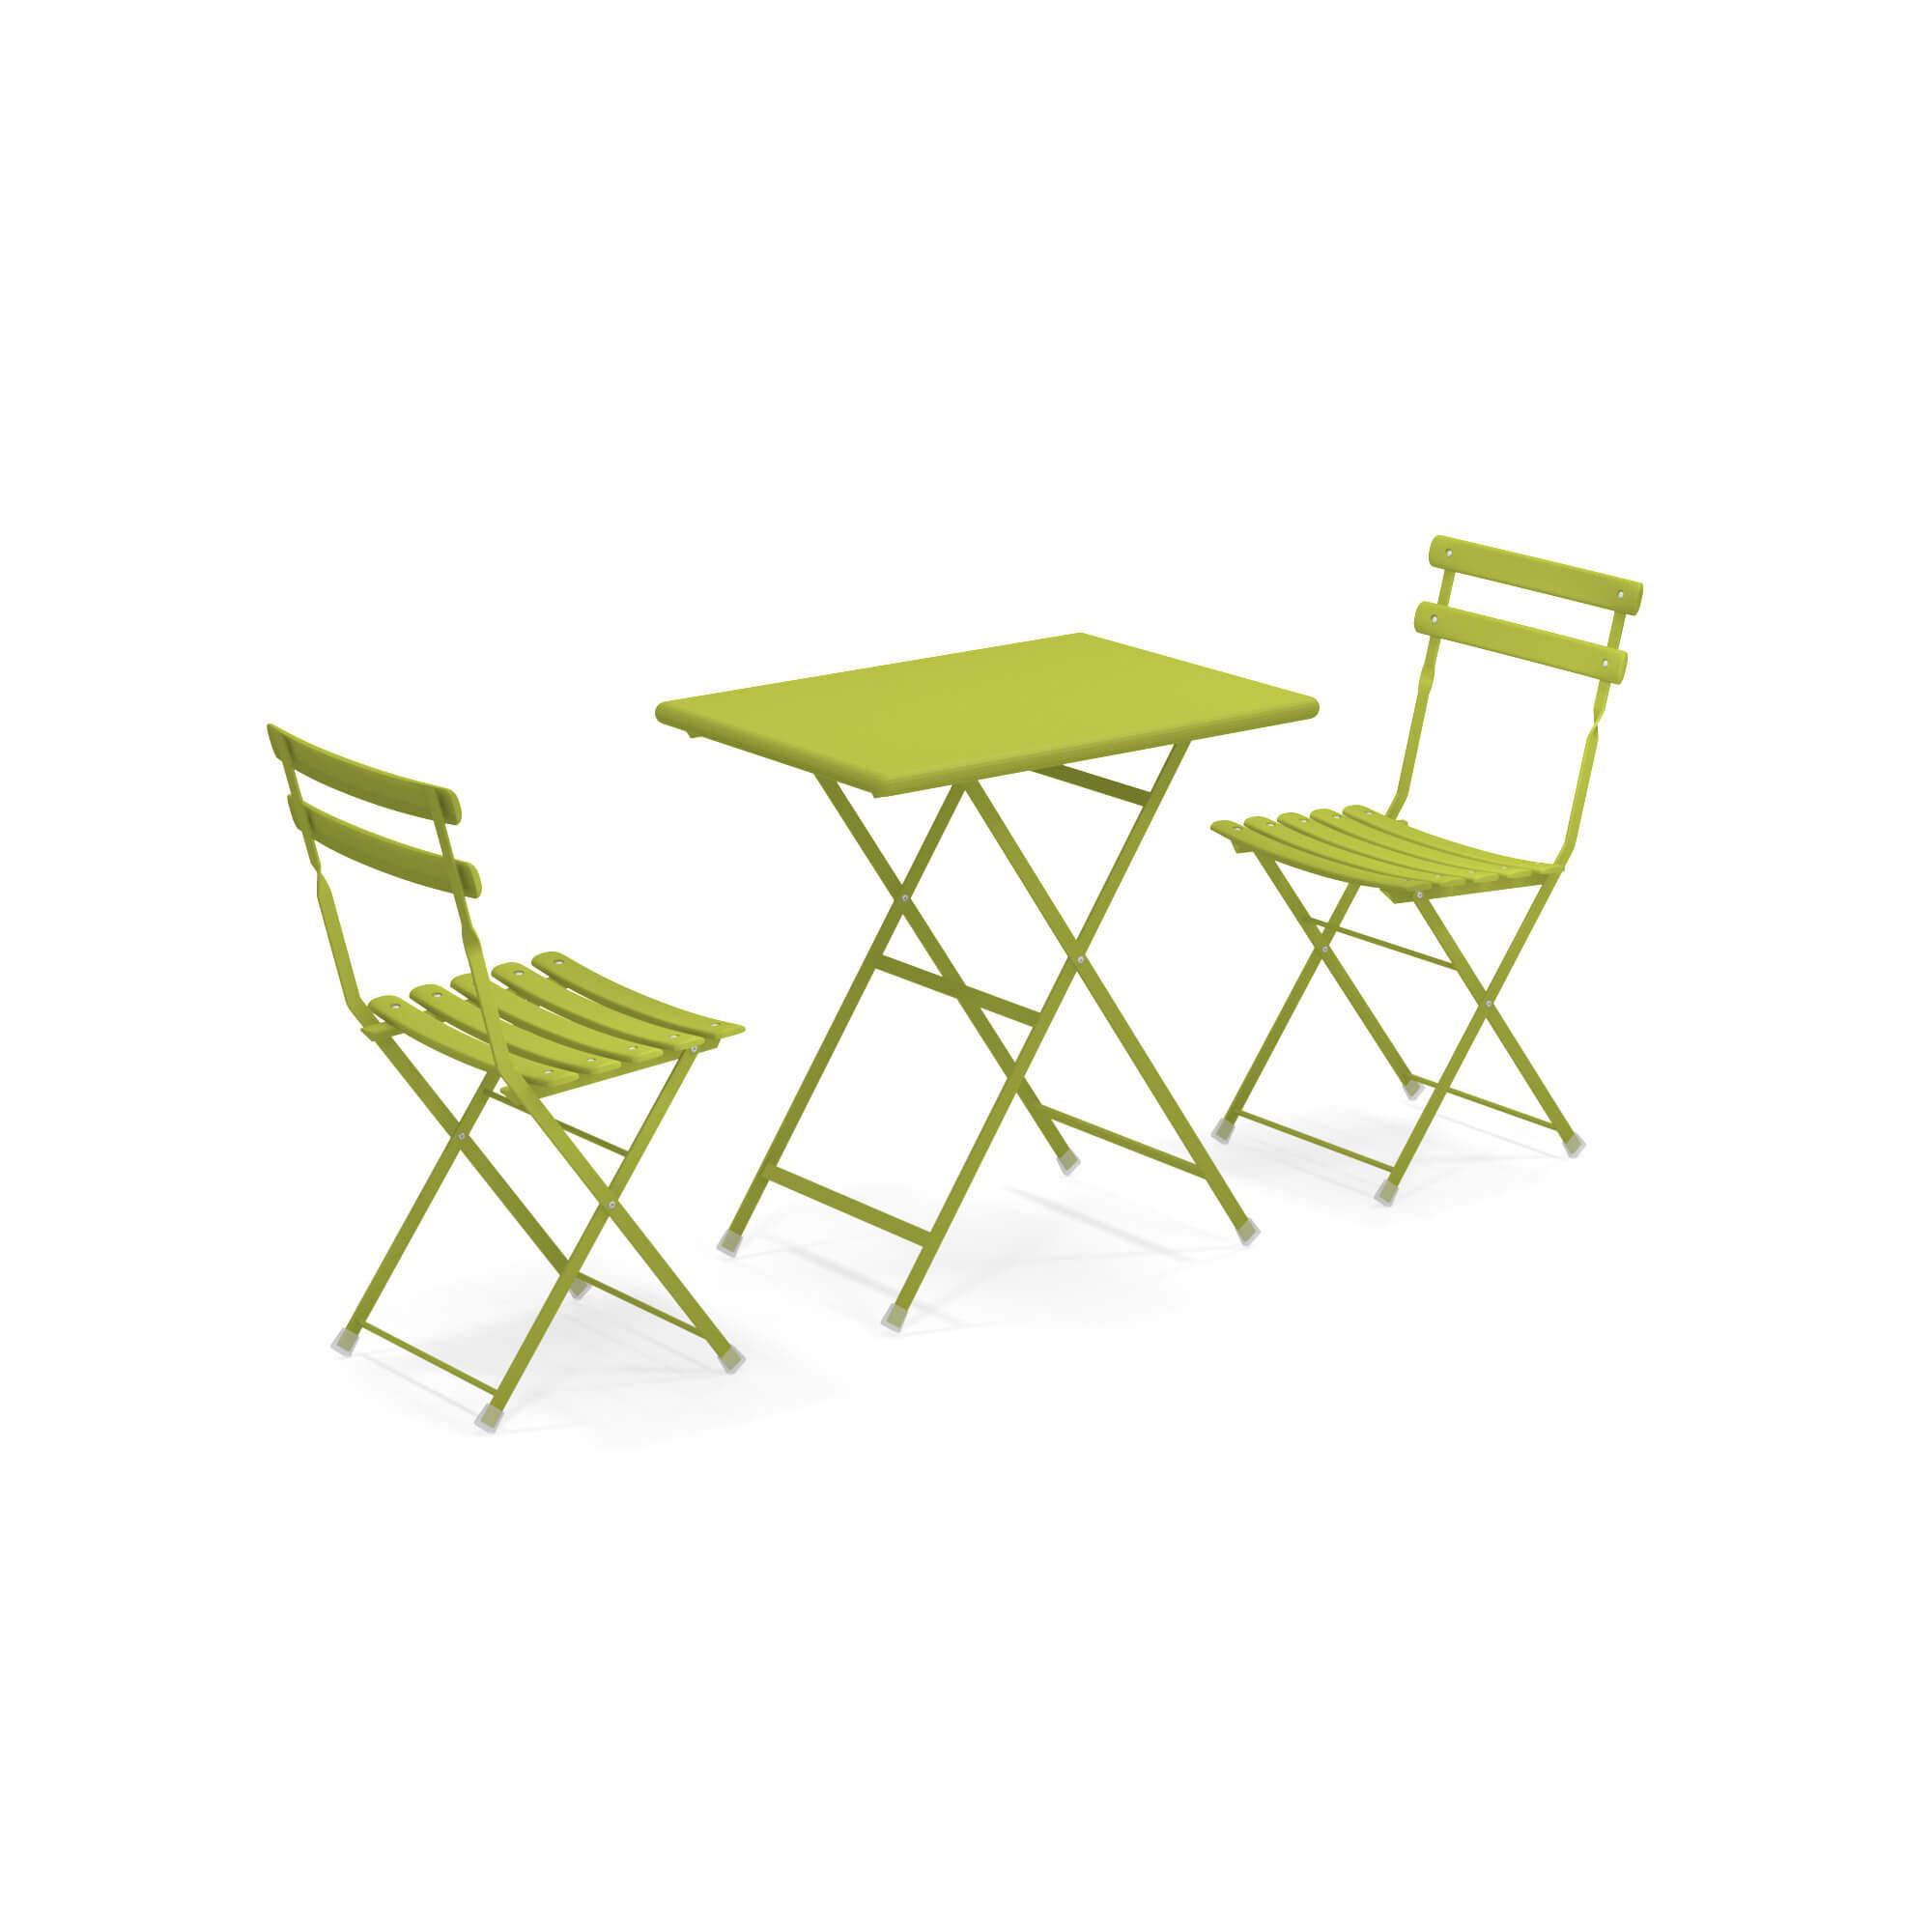 Tavolo Da Giardino Pieghevole Con Sedie.Set 2 Sedie Pieghevoli 1 Tavolo Pieghevole Da Giardino Esterno